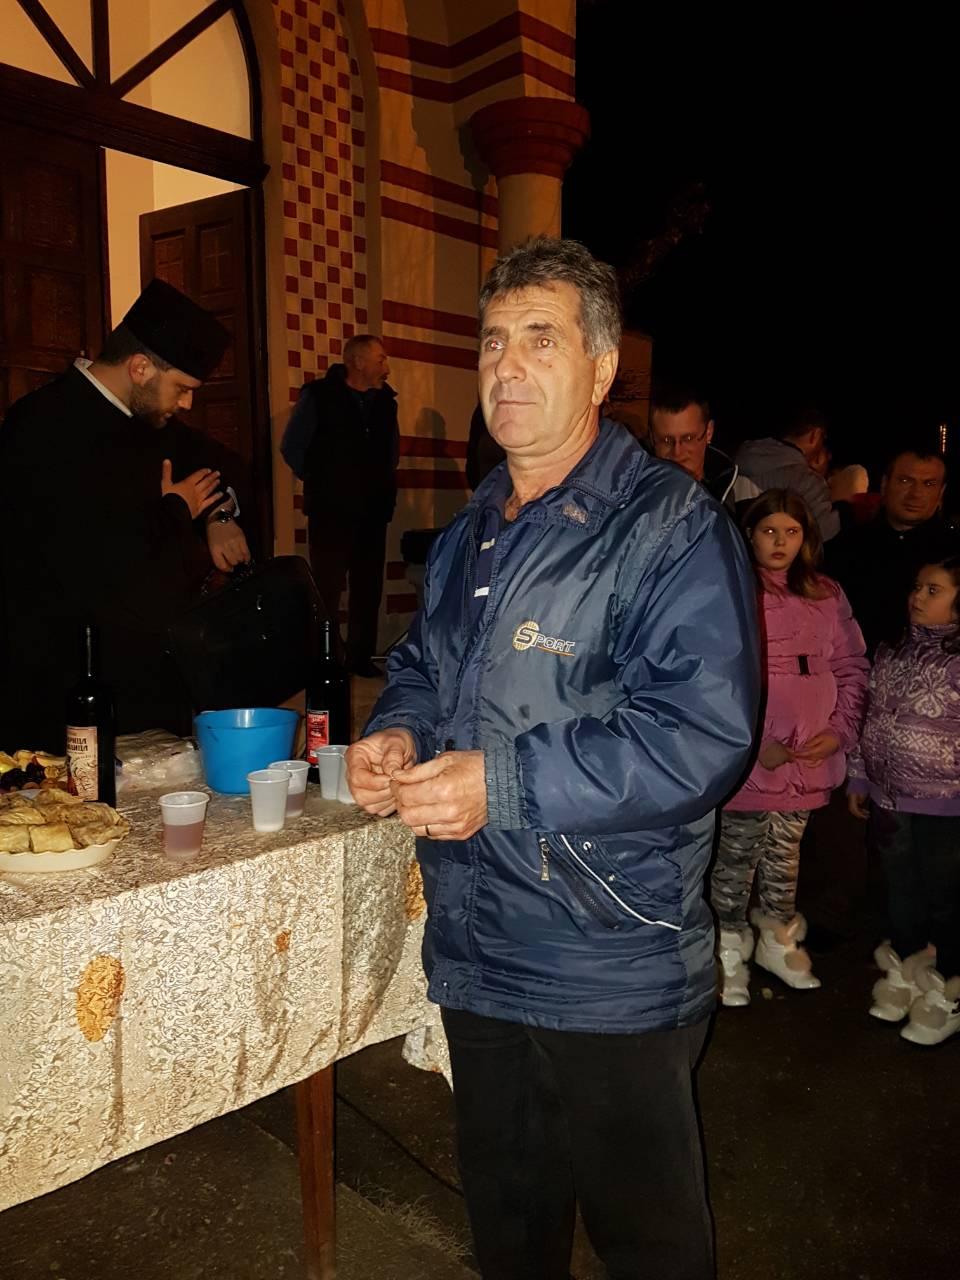 Nebojša Krstić koji je pronašao krstić u česnici